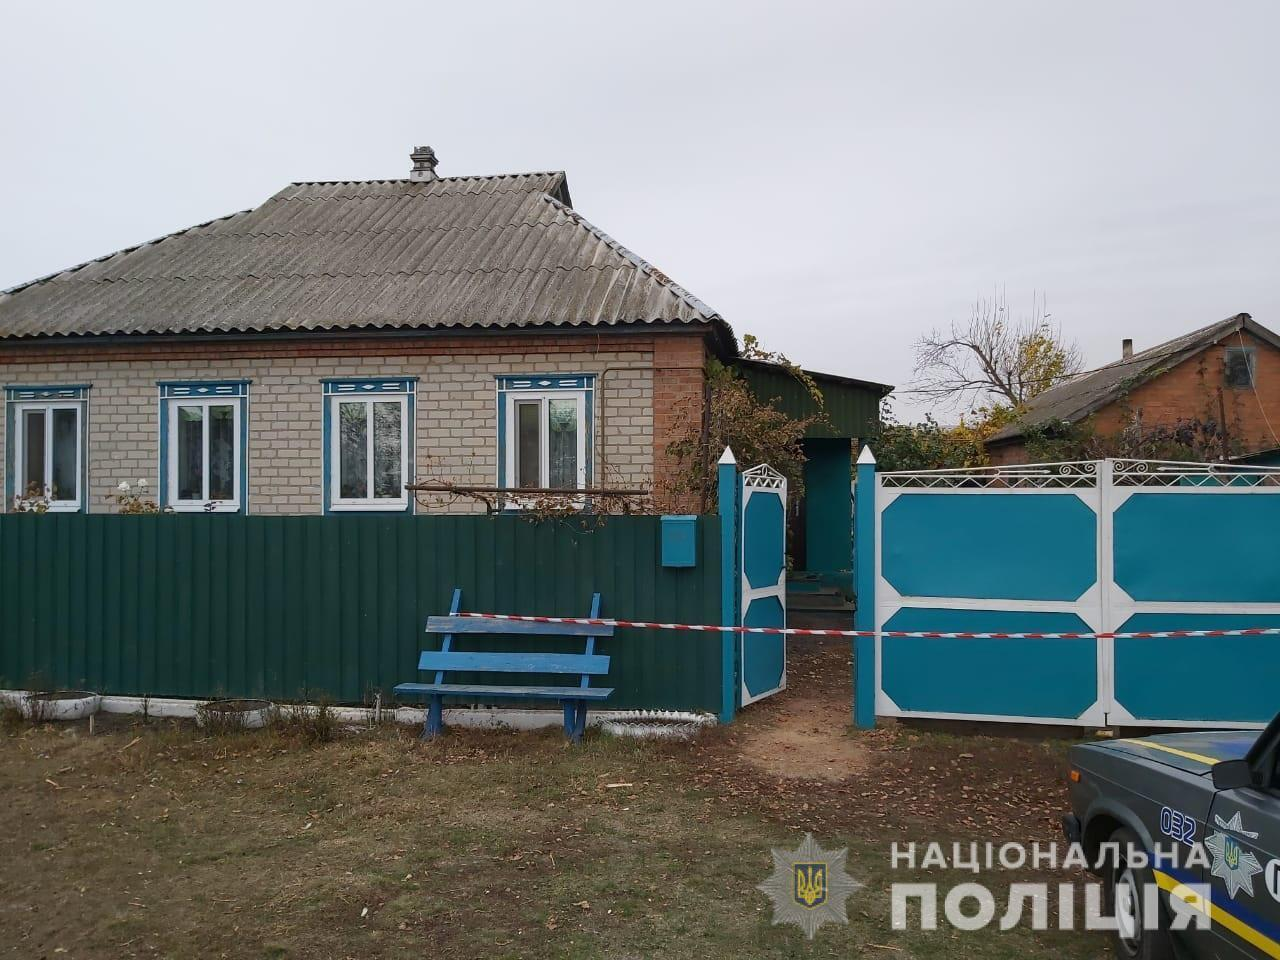 Дом, в дворе которого прогремел взрыв